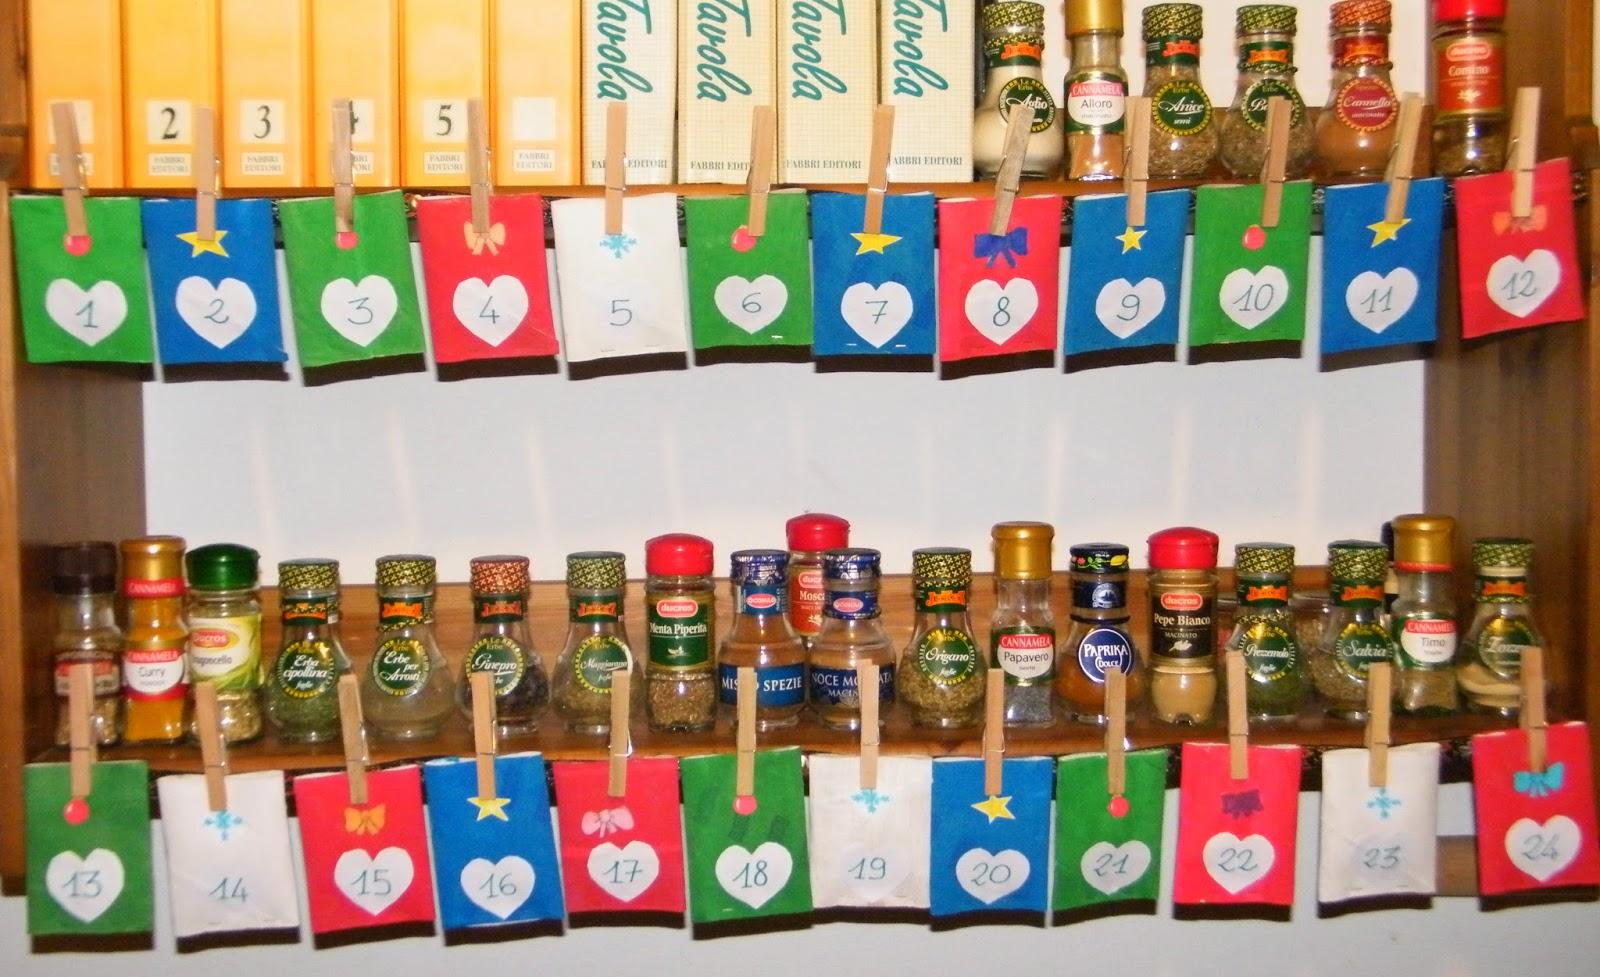 http://pensierieprofumi.blogspot.it/2012/12/calendario-dellavvento-tutto-riciclo.html